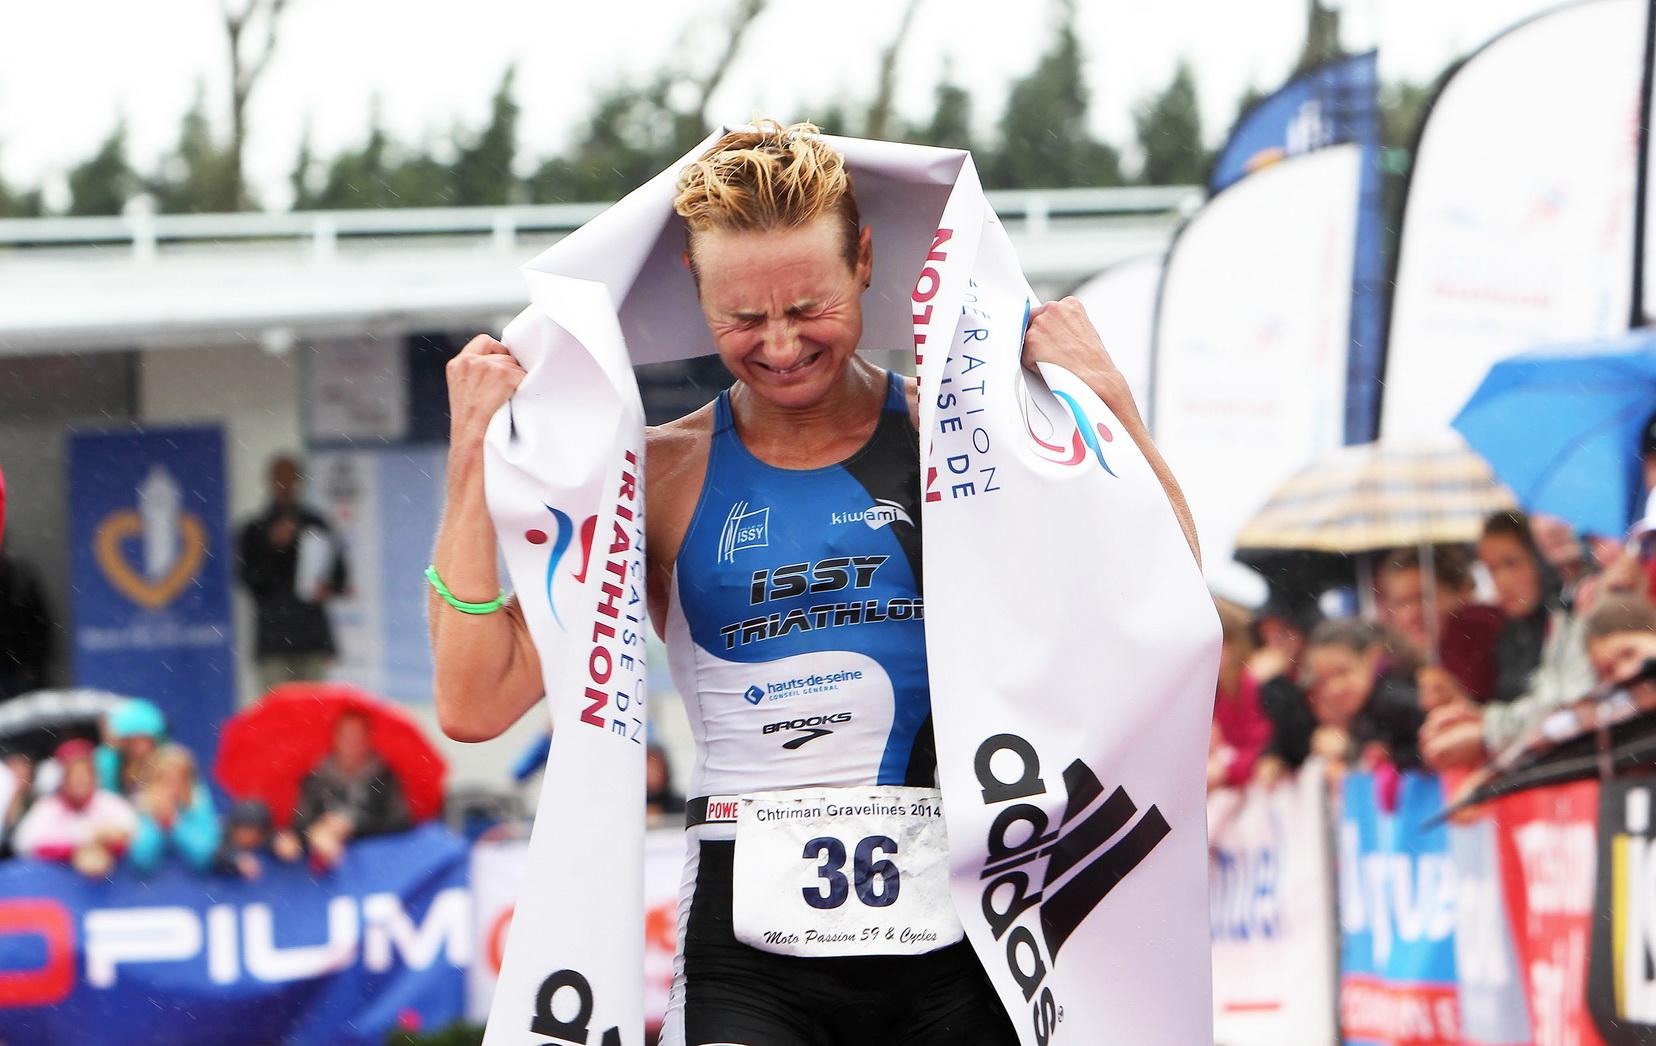 Résultats CH'TRIMAN : Championnat de France distance L de Triathlon 2014